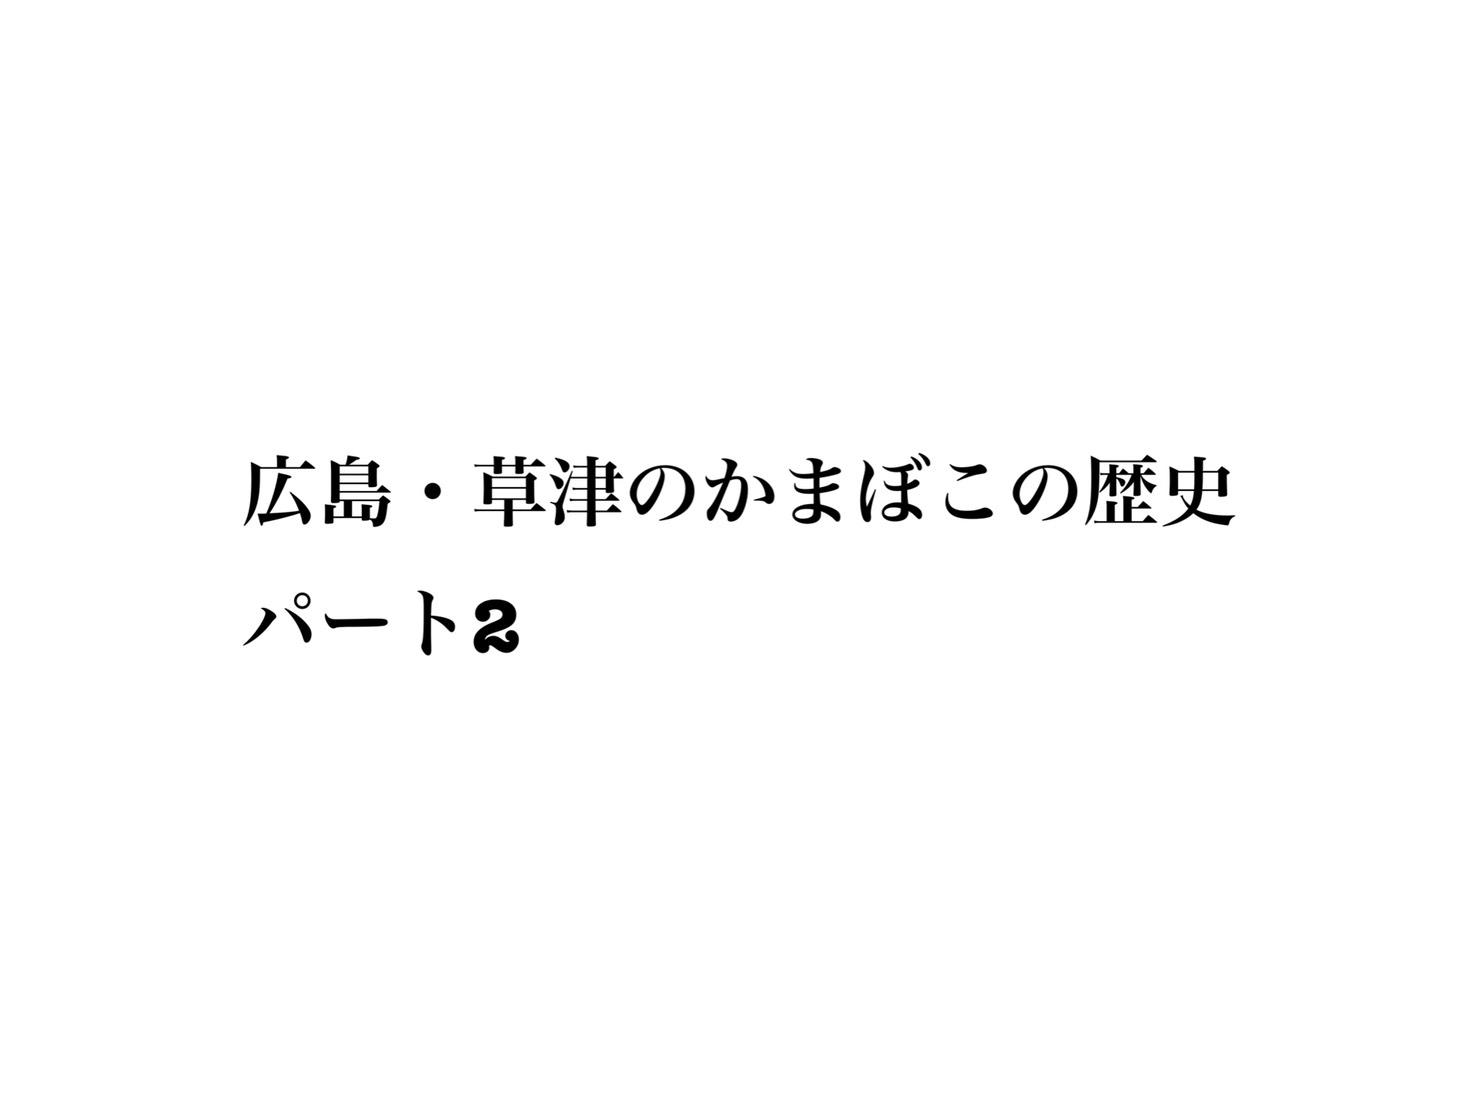 広島・草津がかまぼこの町である理由とその歴史 パート2